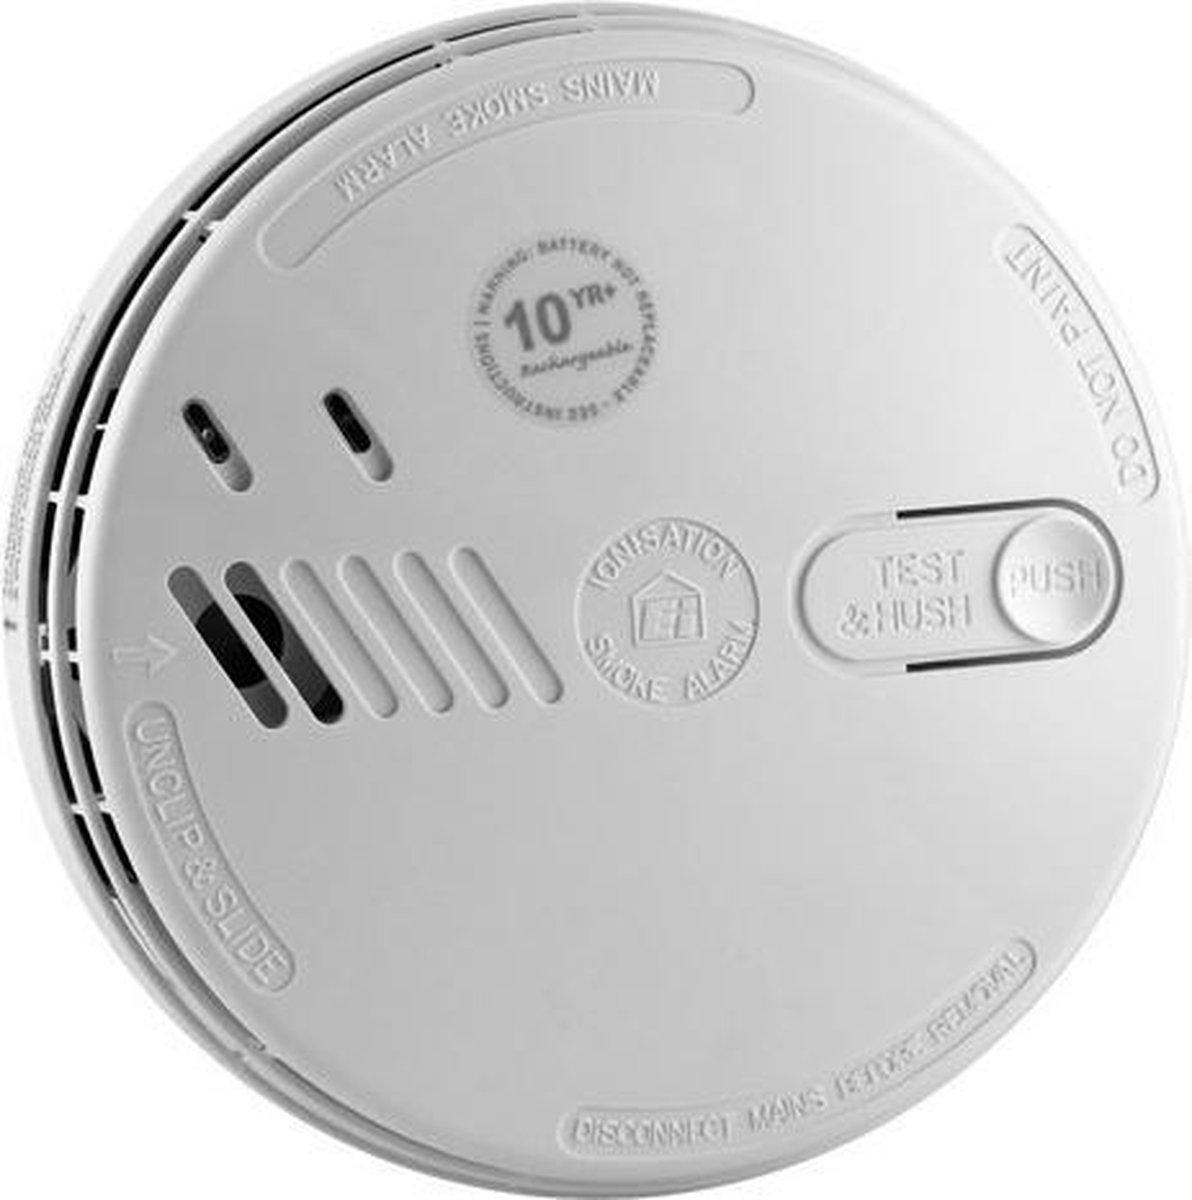 Ei 146 Rookmelder - 230v/Lichtnet - NEN2555 - 9V Backupbatterij - Easi-Fit